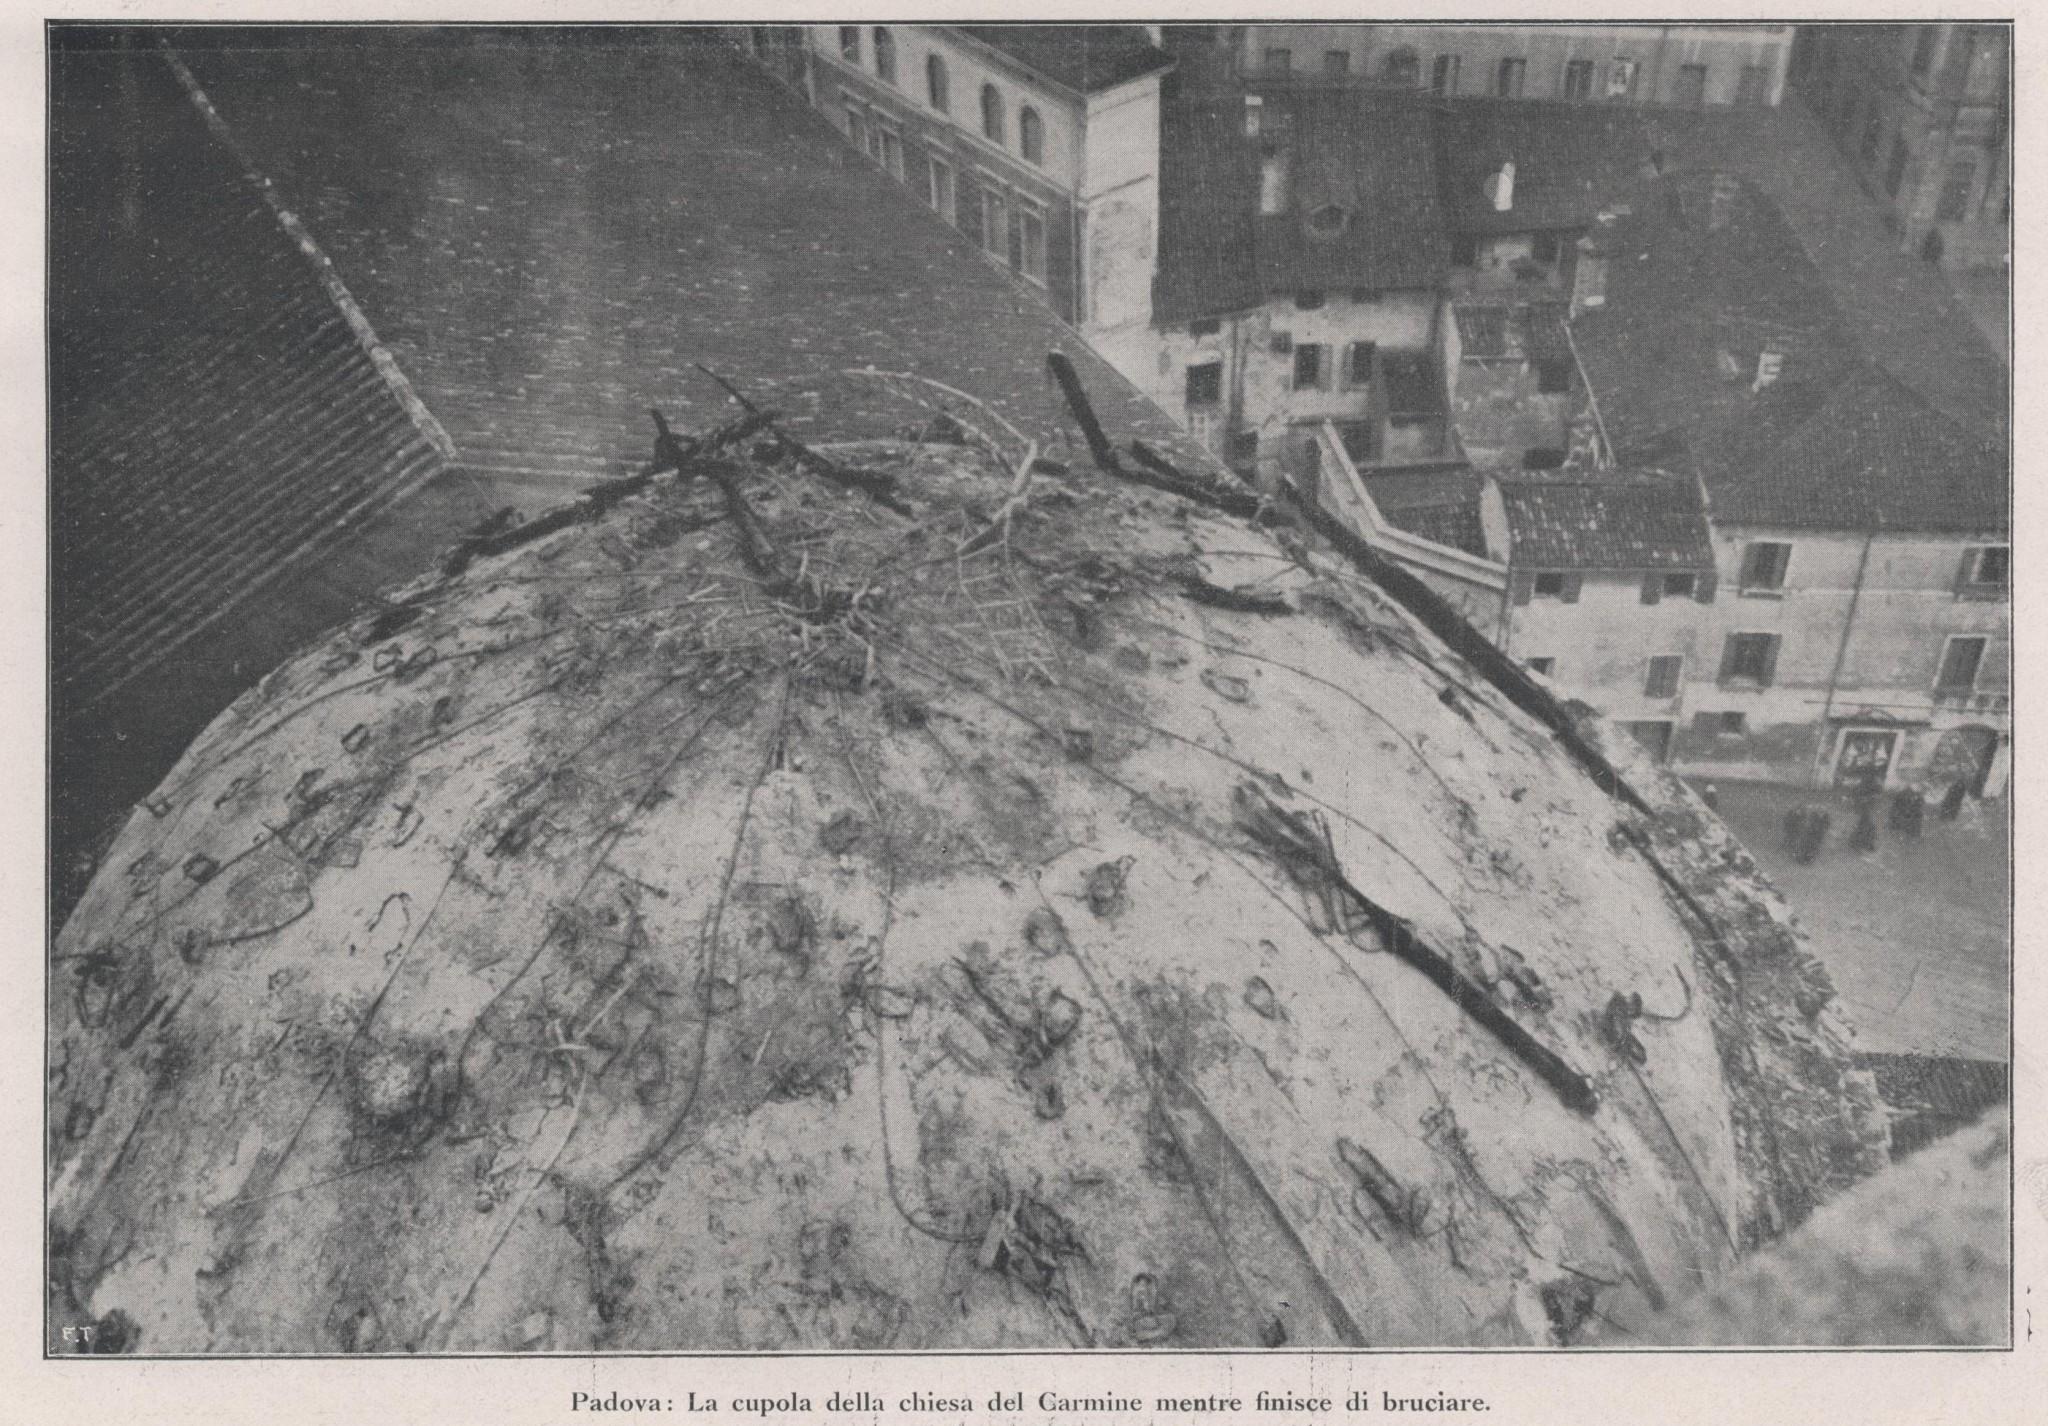 138 sett 1918 Padova bomb tagl